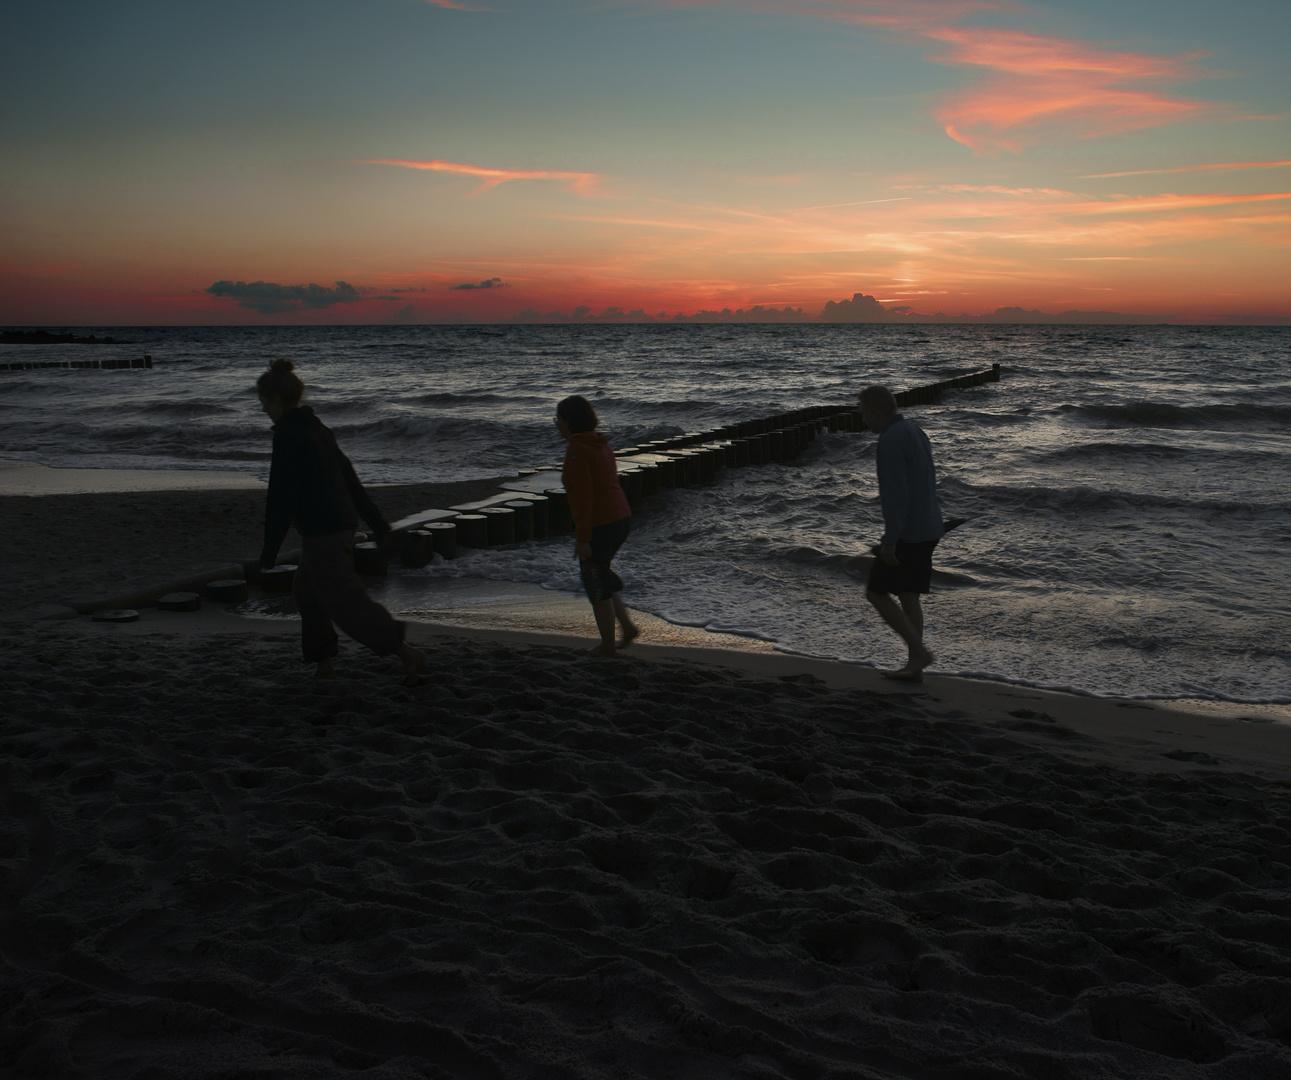 Abend am Meer von Ahrenshoop